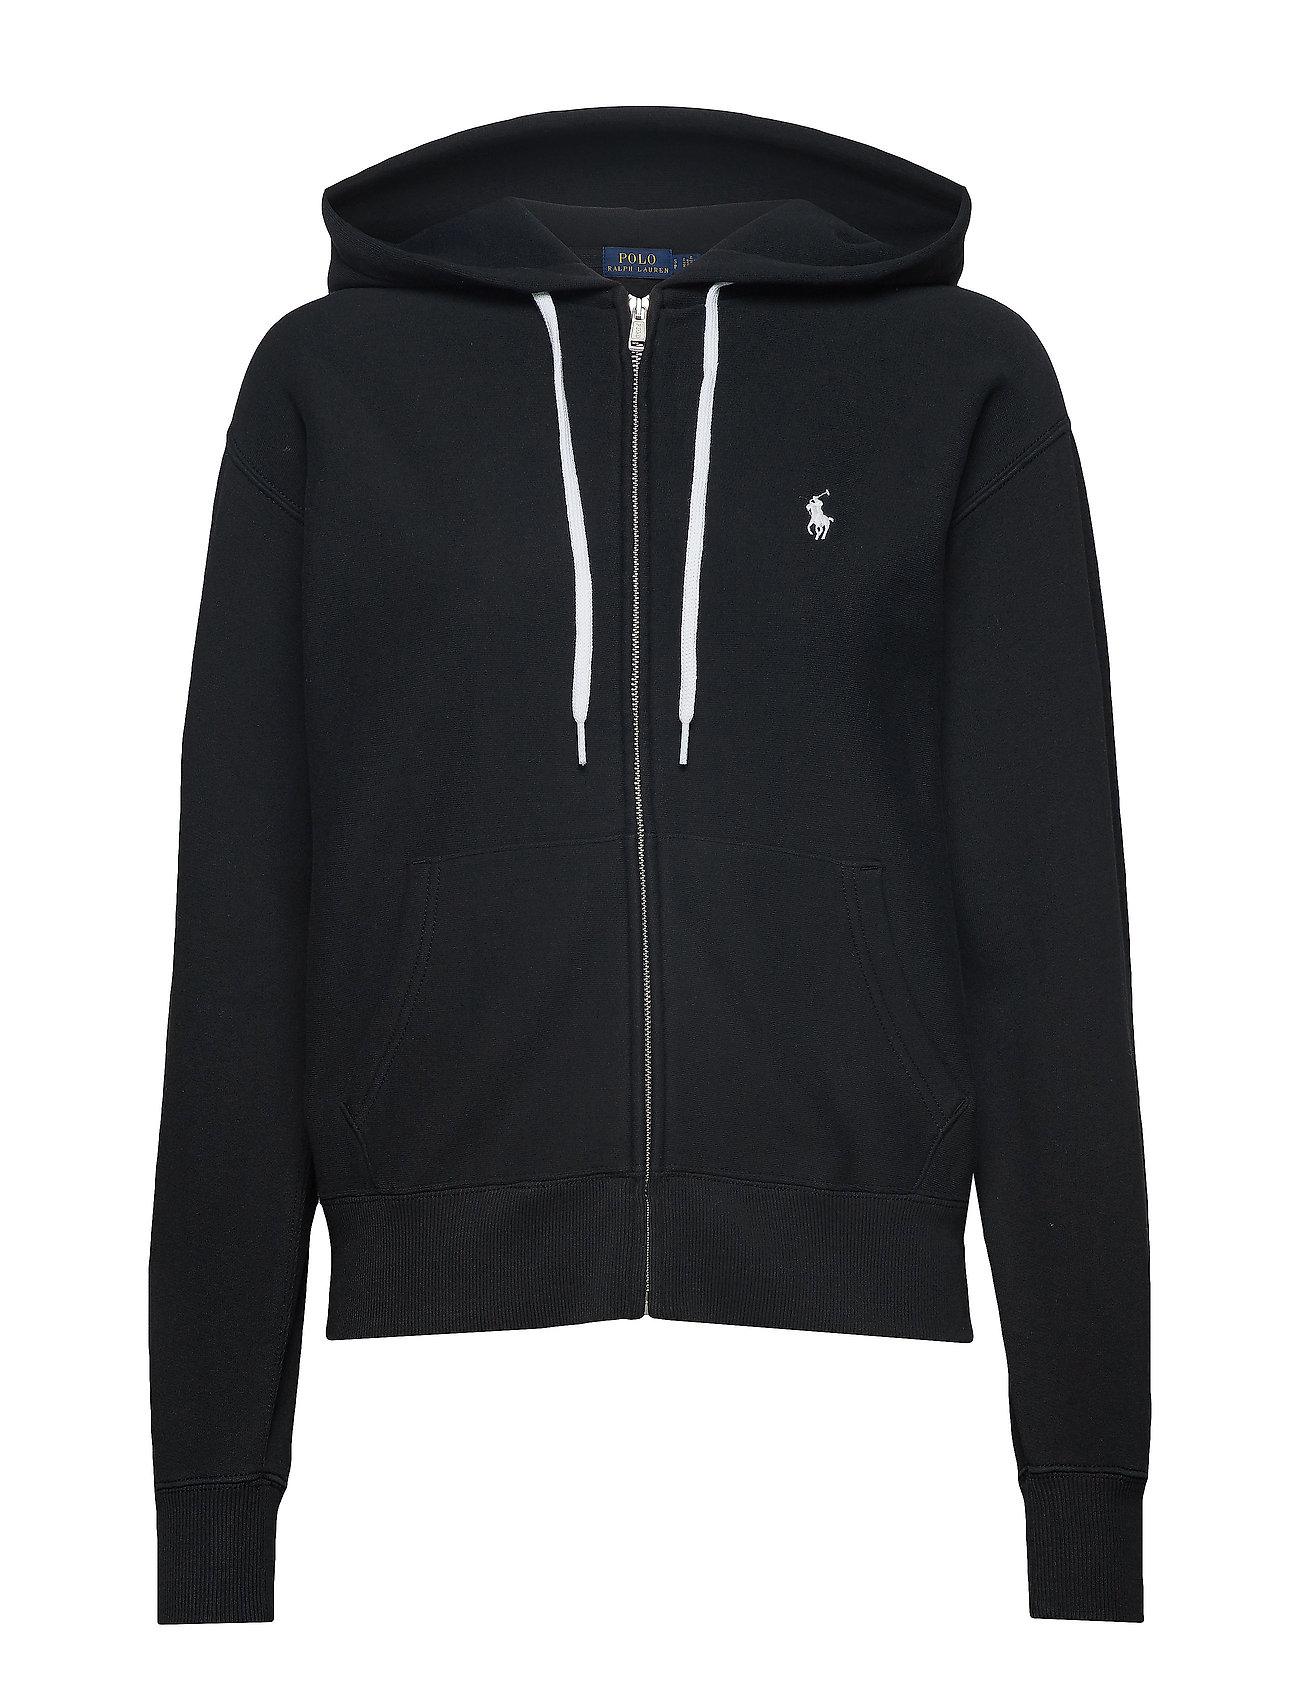 Full Hoodiepolo Fleece zip Ralph Lauren BlackPolo JFlK1cT3